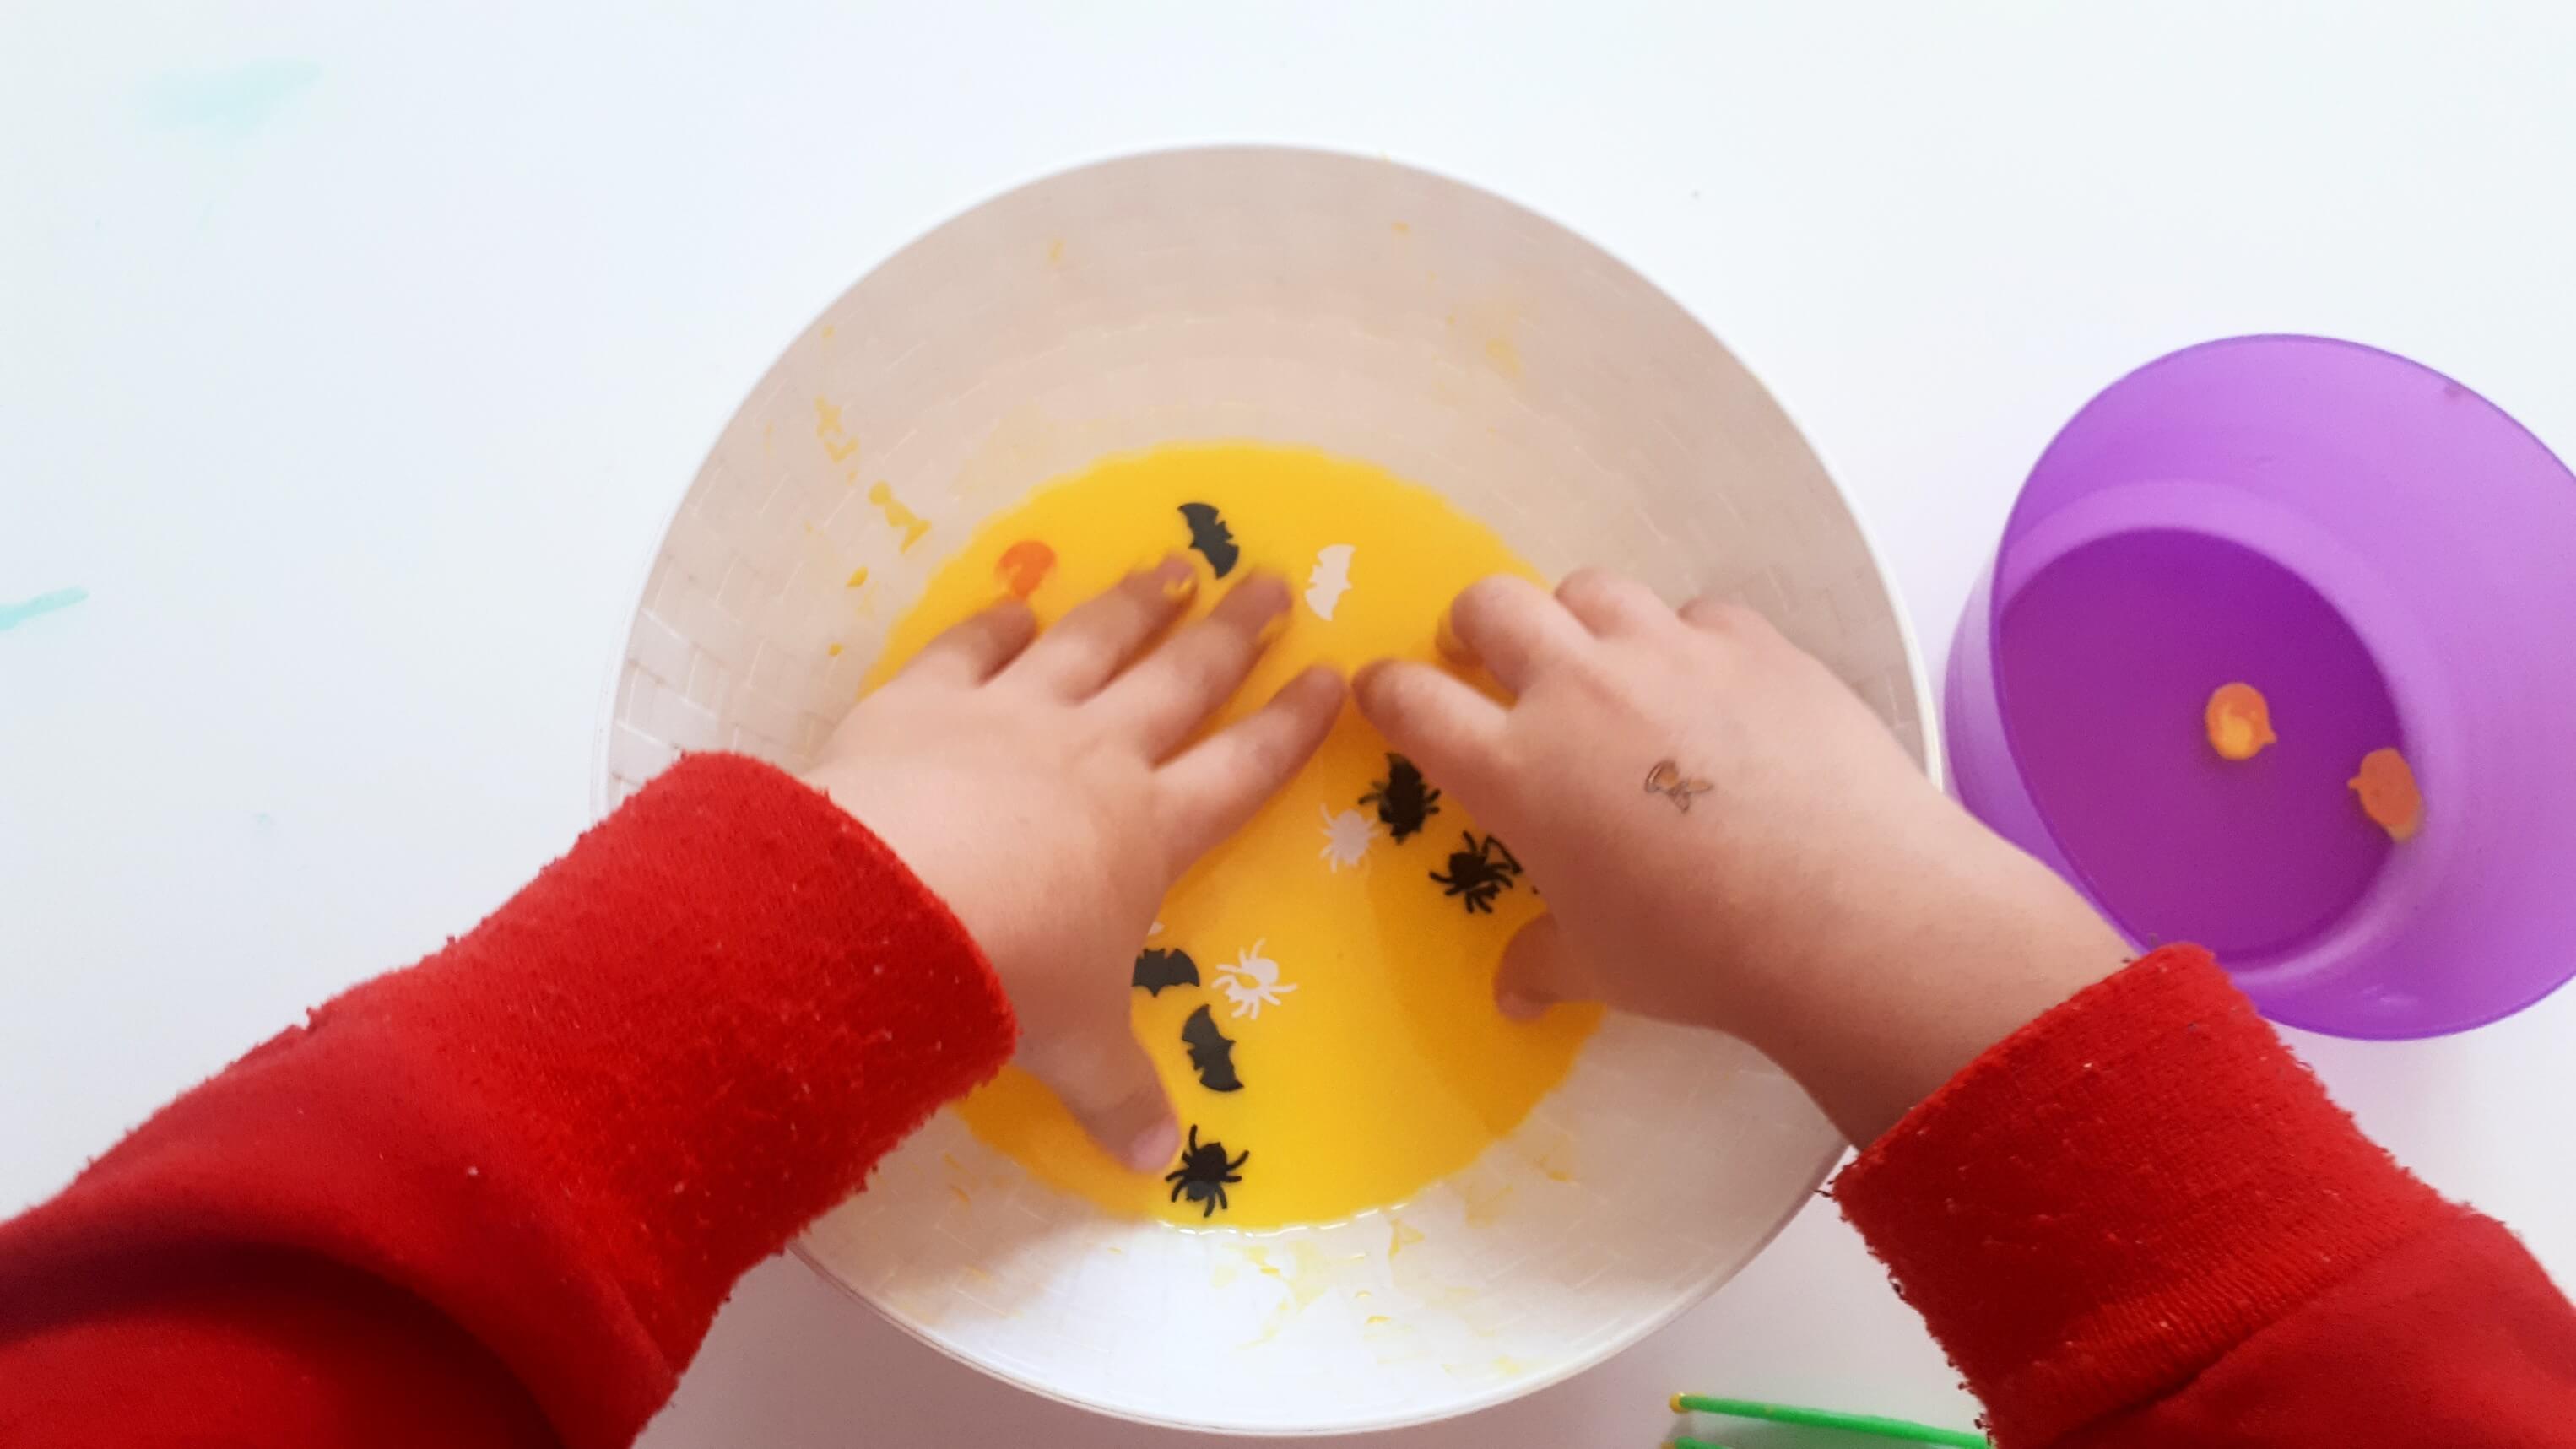 actividad sensorial para niños